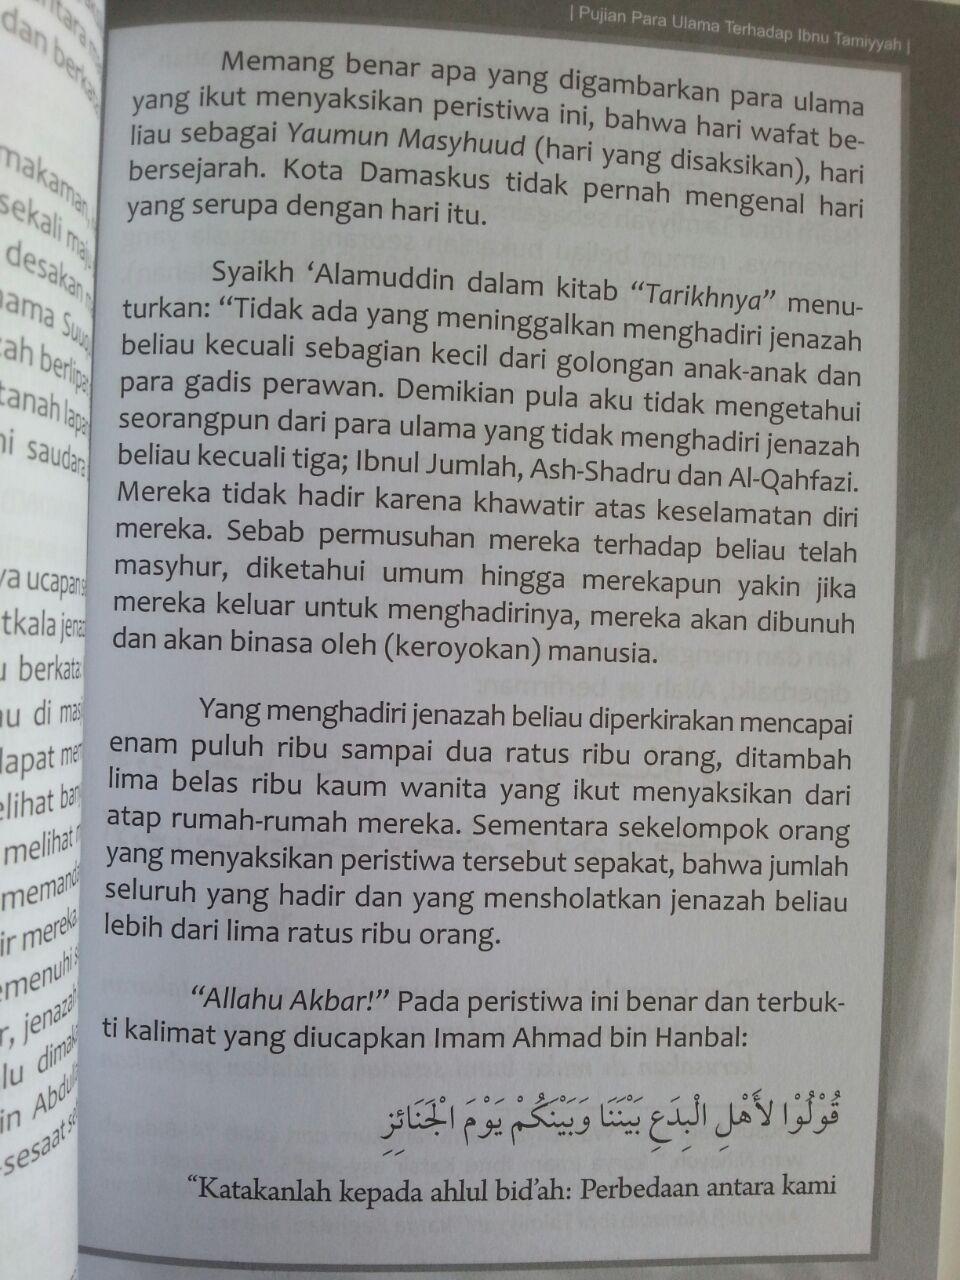 Buku Keterasingan Islam Dilengkapi Biografi Ibnu Taimiyyah isi 3